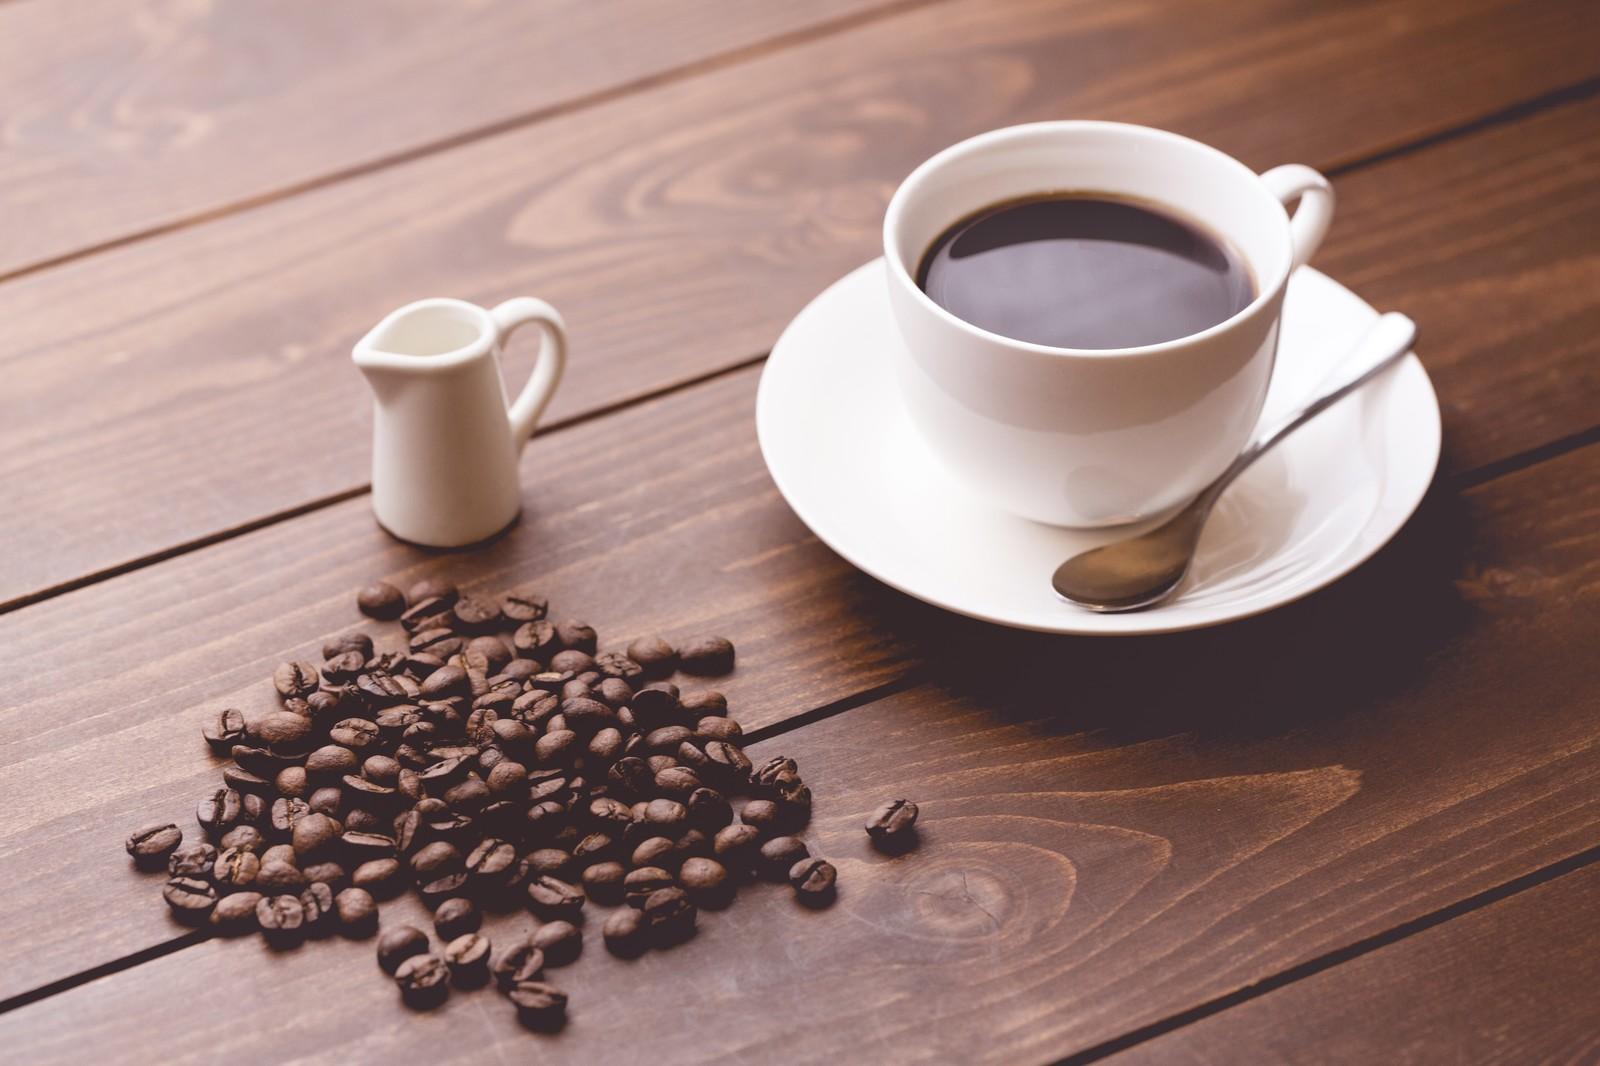 美味しいドリップコーヒーを自宅で飲むための『5つの神器』をご紹介!これだけ揃えれば間違いなし!!